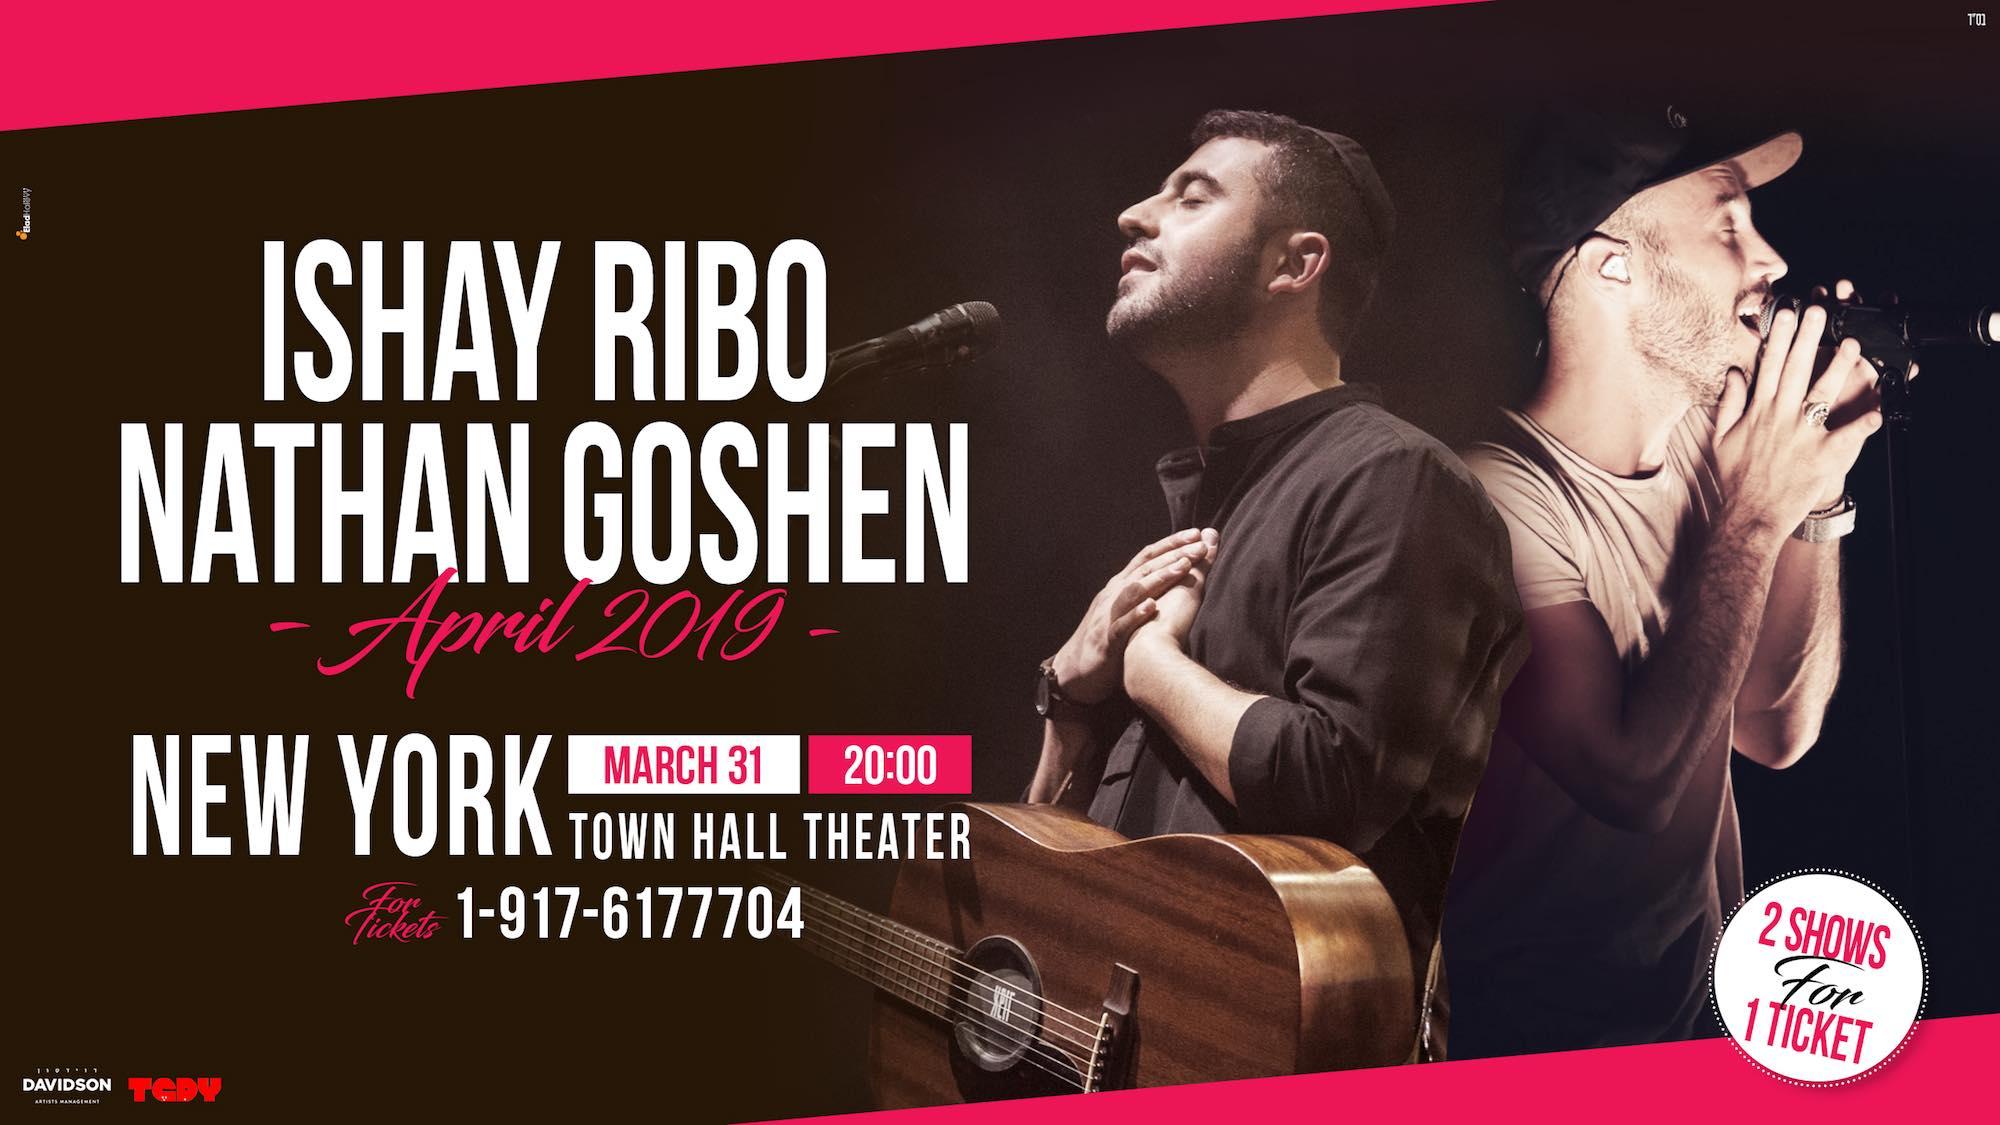 Ishay Ribo & Natan Goshen — The Town Hall